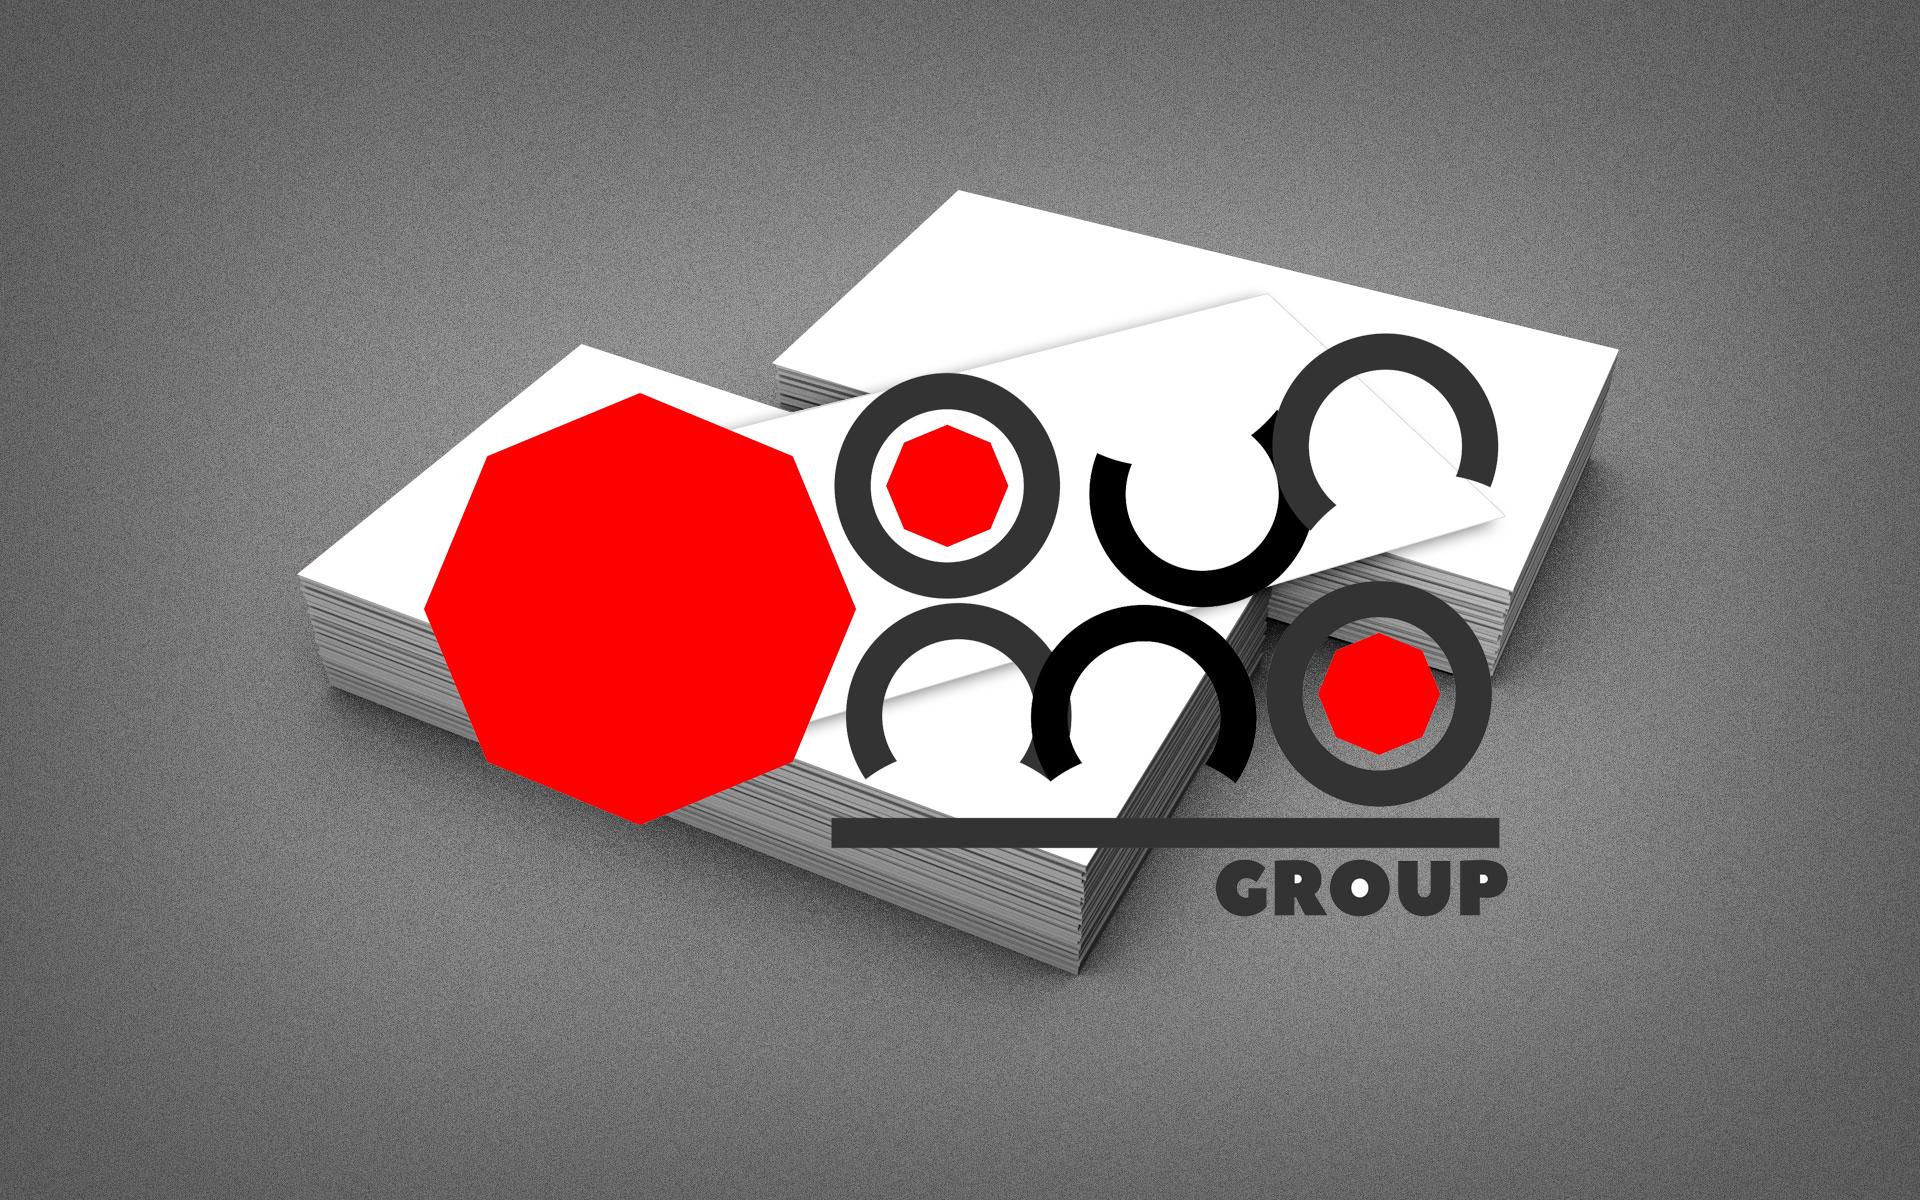 Создание логотипа для строительной компании OSMO group  фото f_03259b652cef25bf.jpg